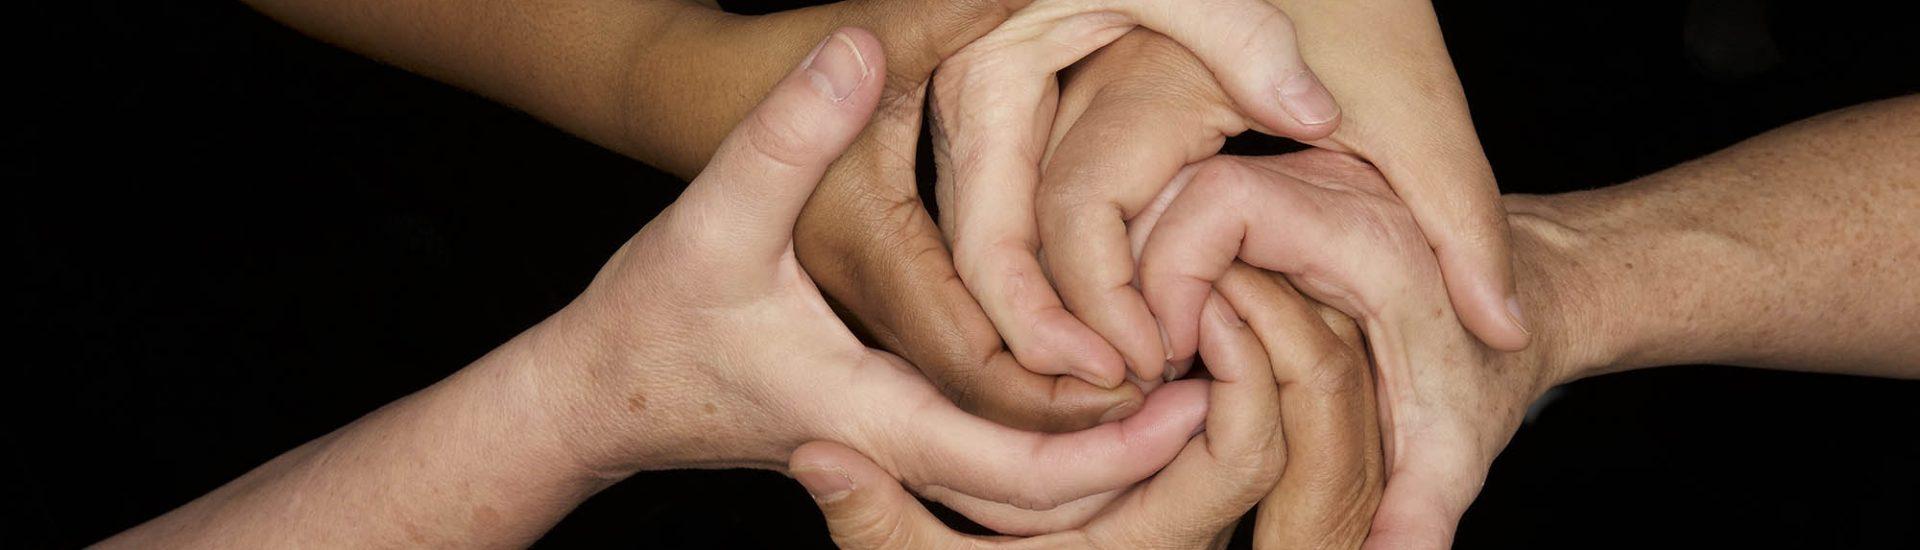 7 Hände verschiedenener Personen, die diese zusammenführen